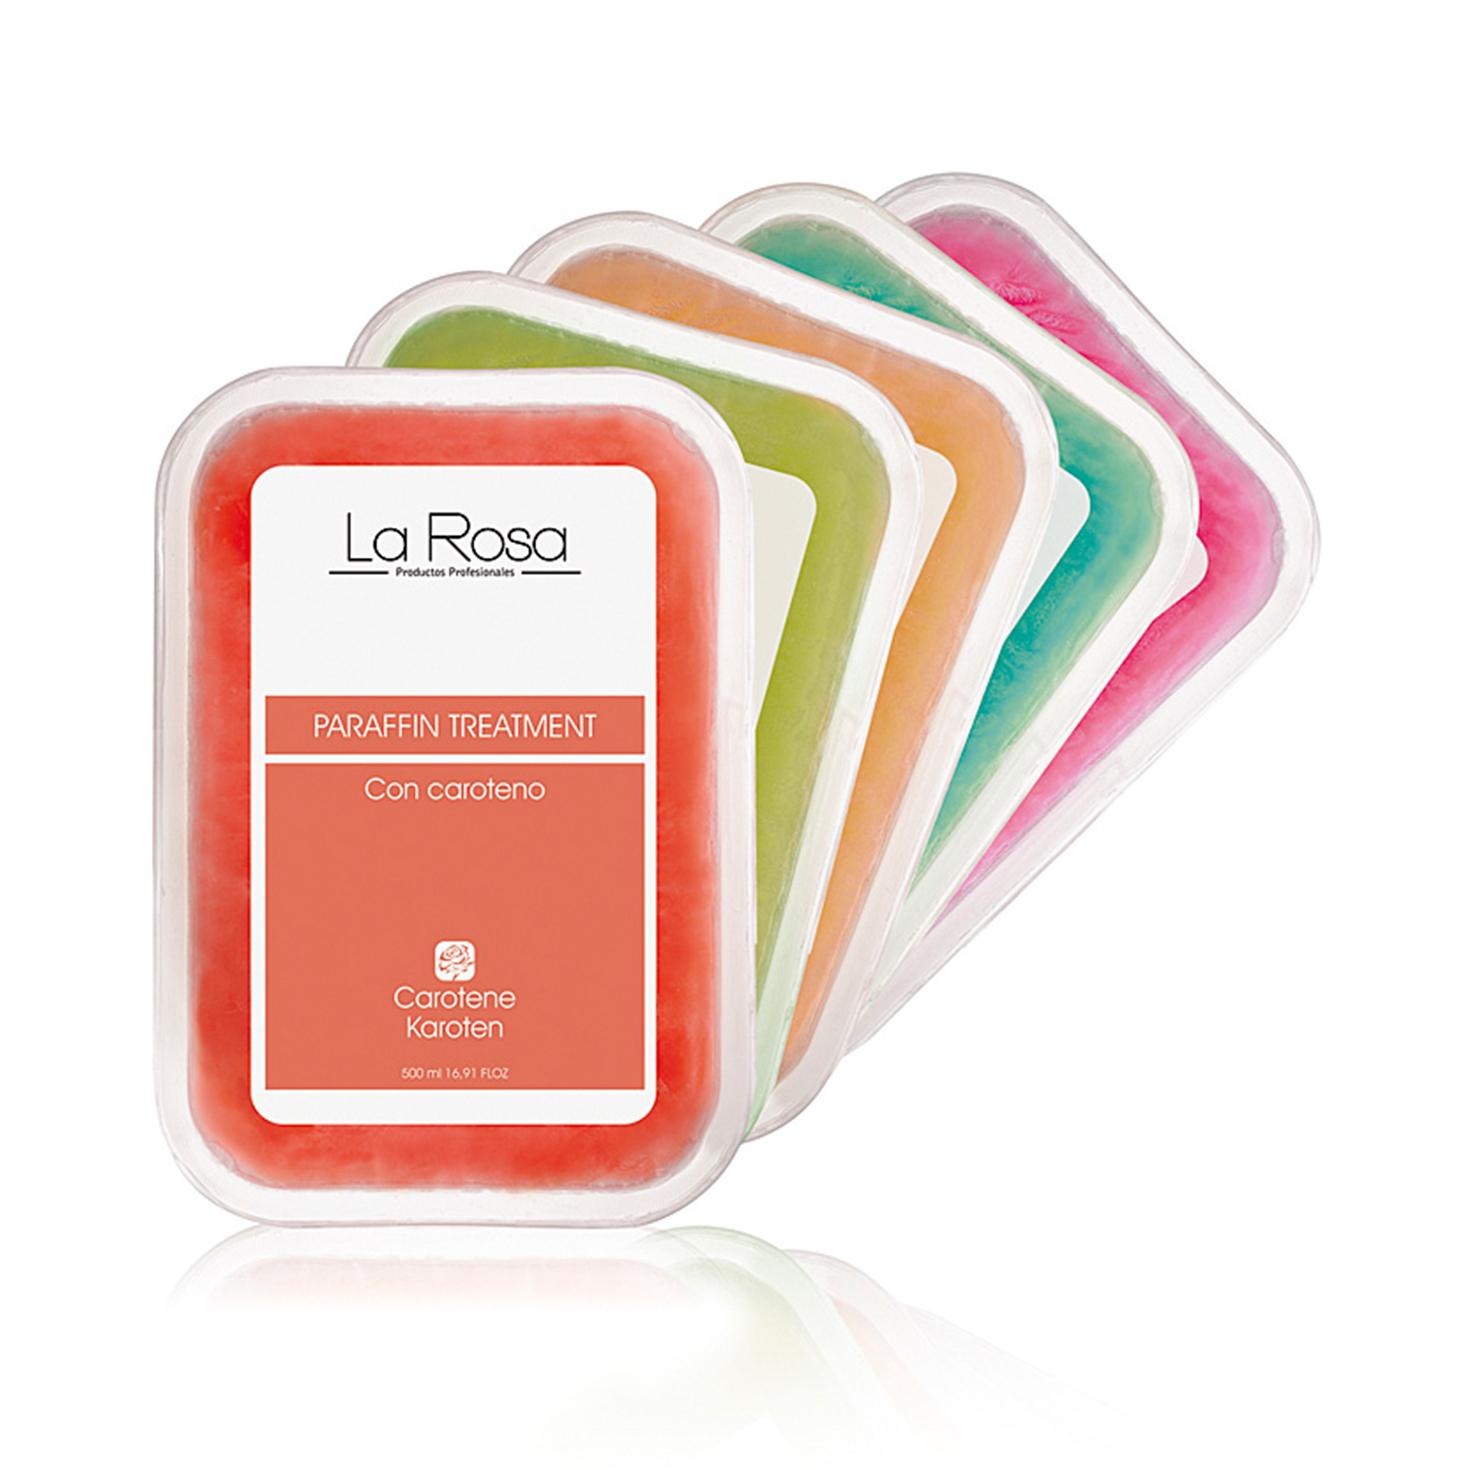 LA ROSA Parafina kosmetyczna karotenowa 500ml